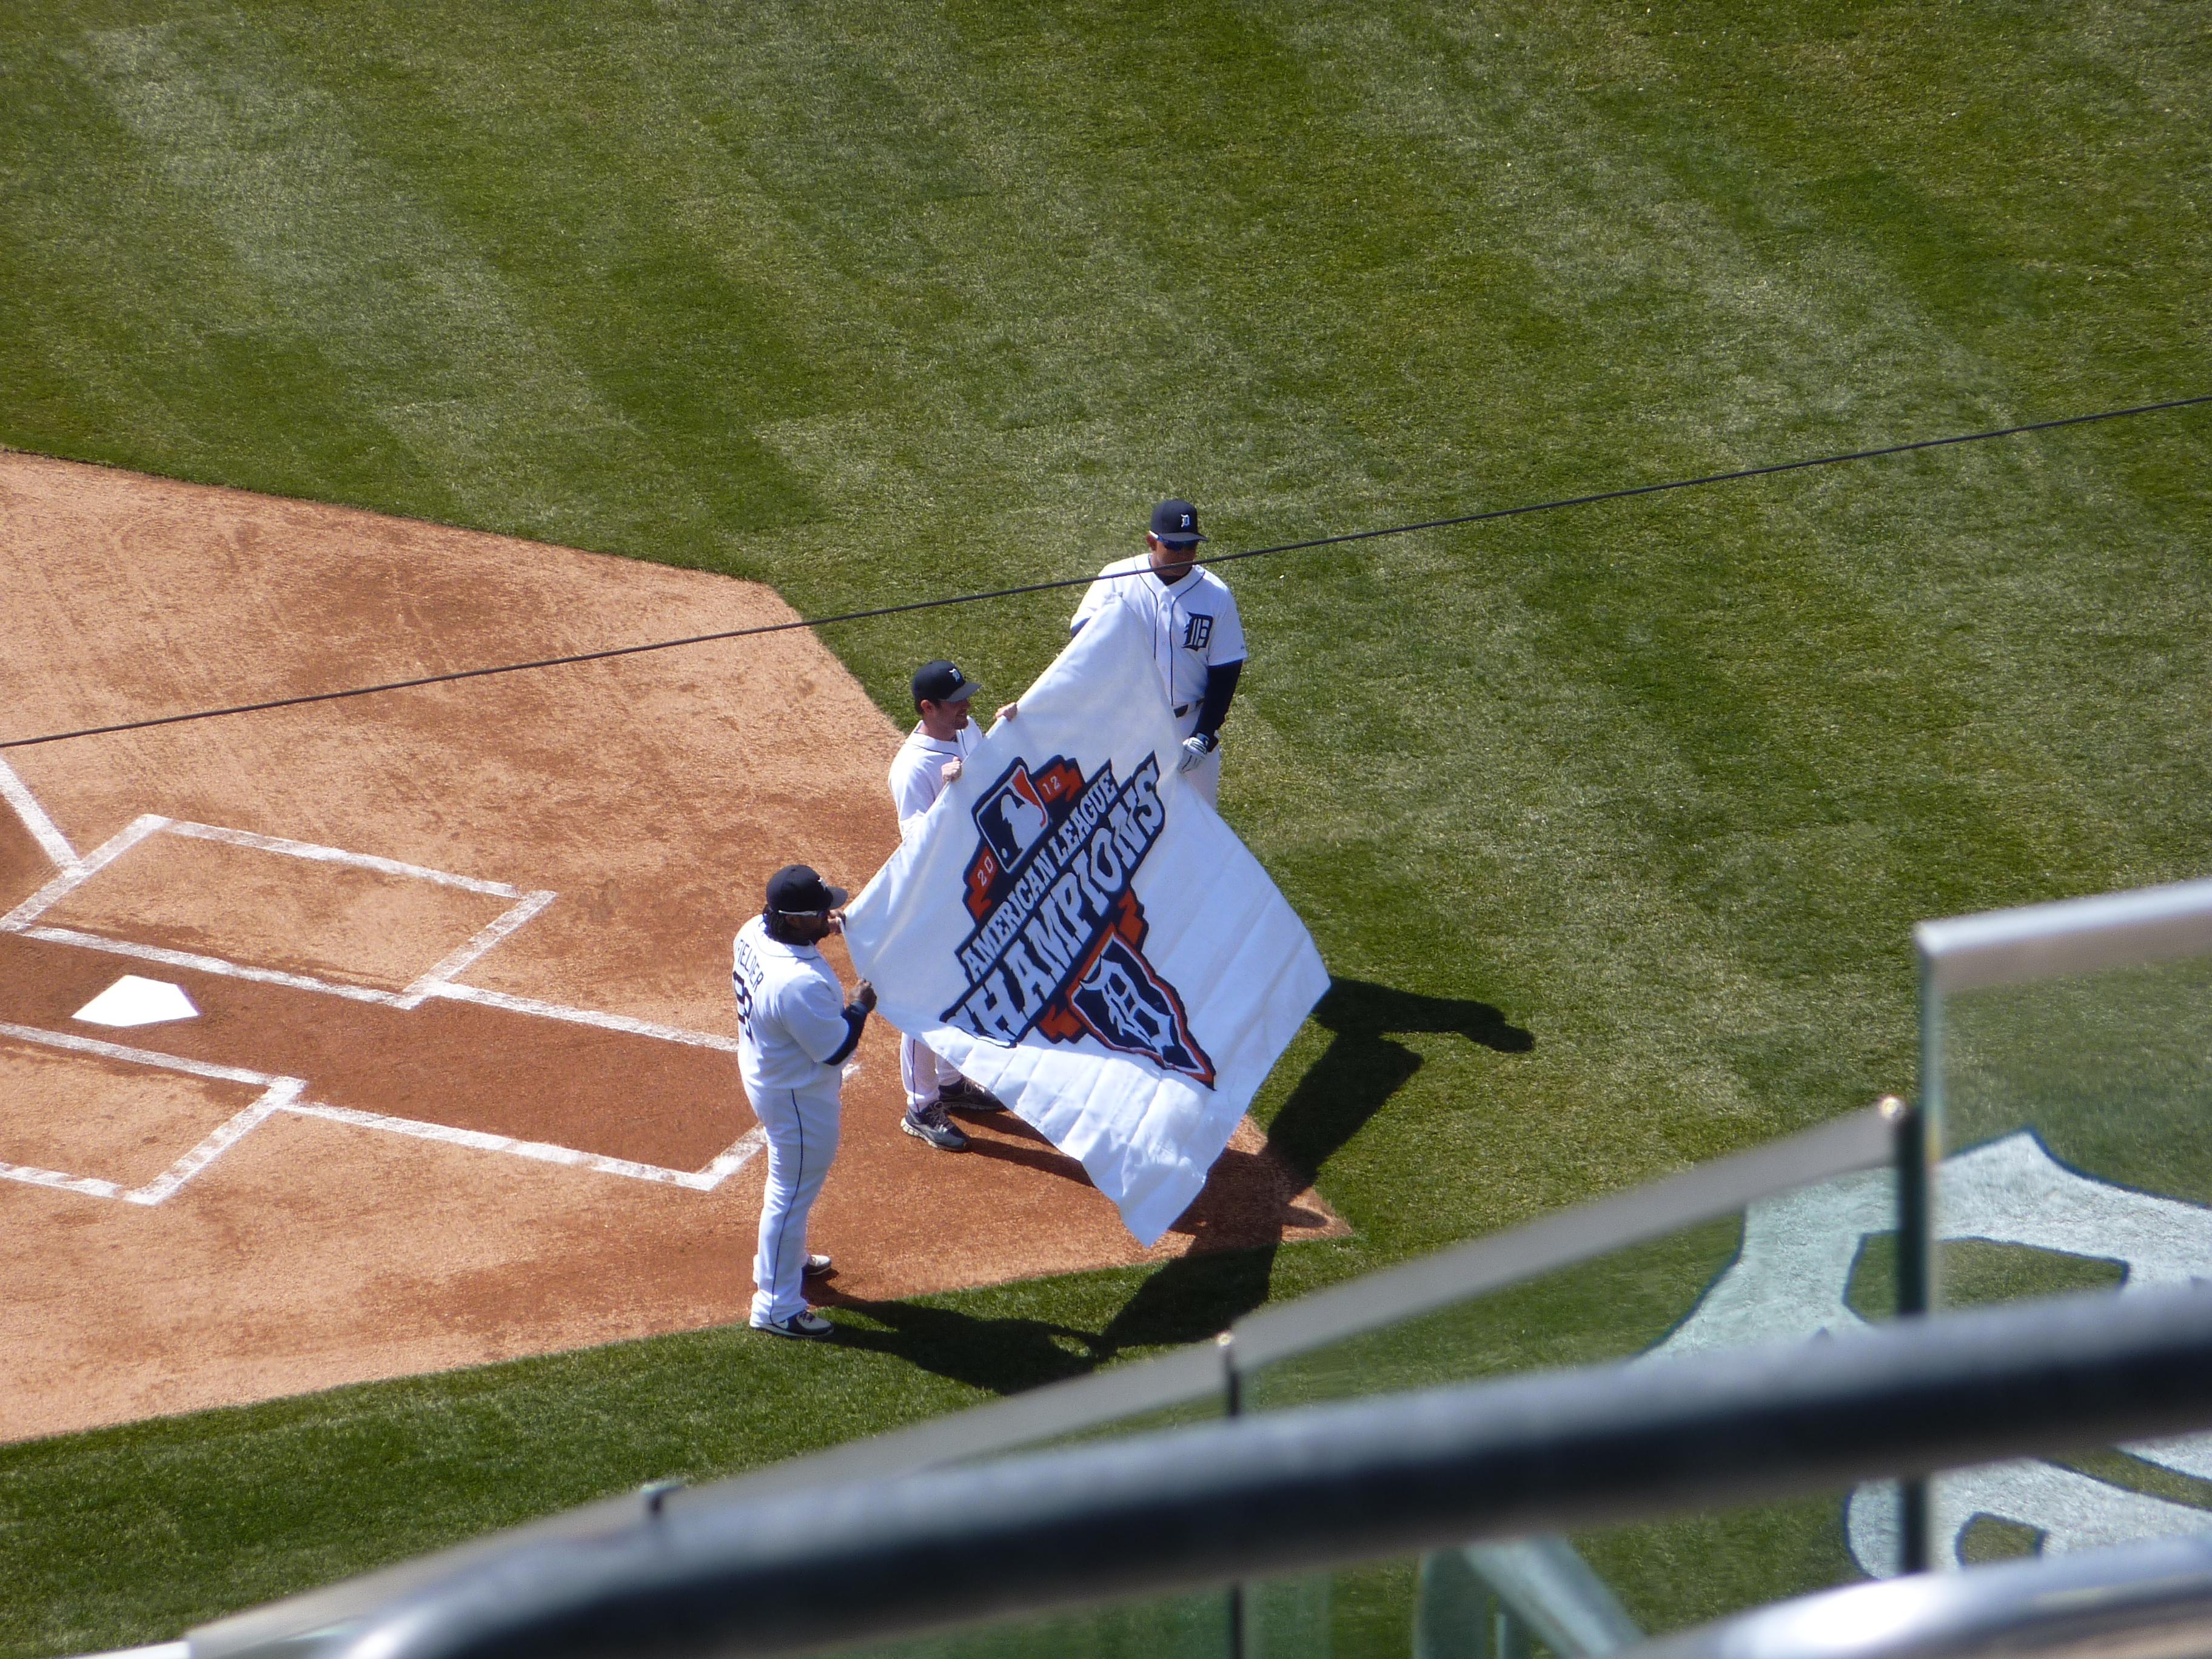 Fielder, Verlander, and Cabrera